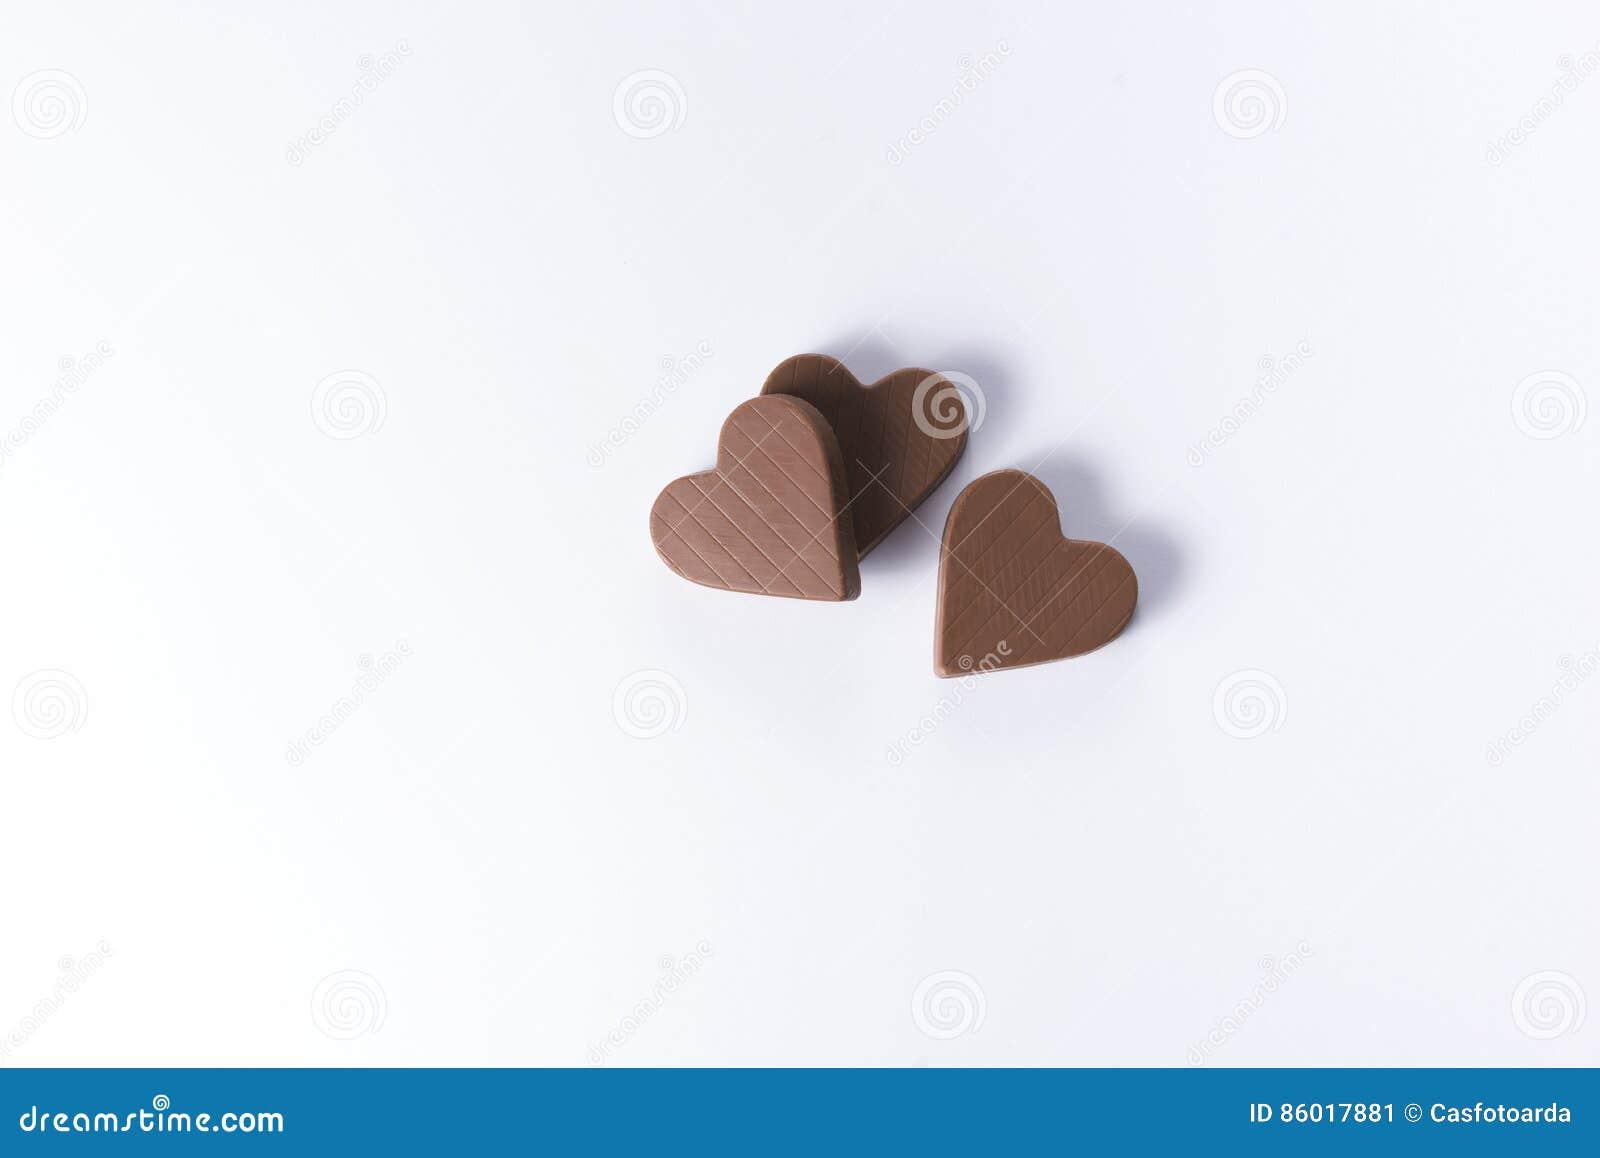 Three heart shaped chocolates.